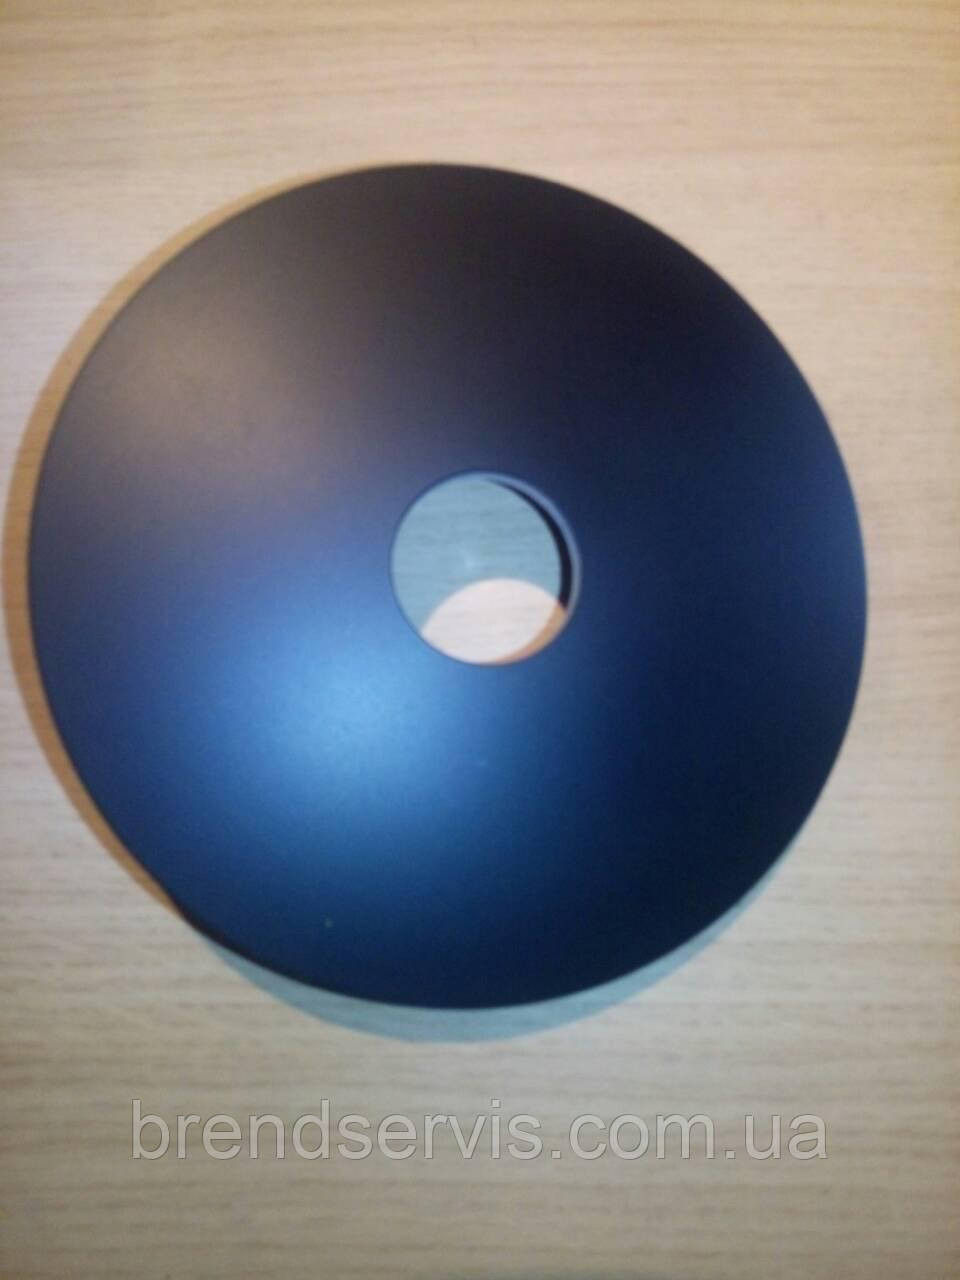 Тен для мультиварки Moulinex, SS-994503